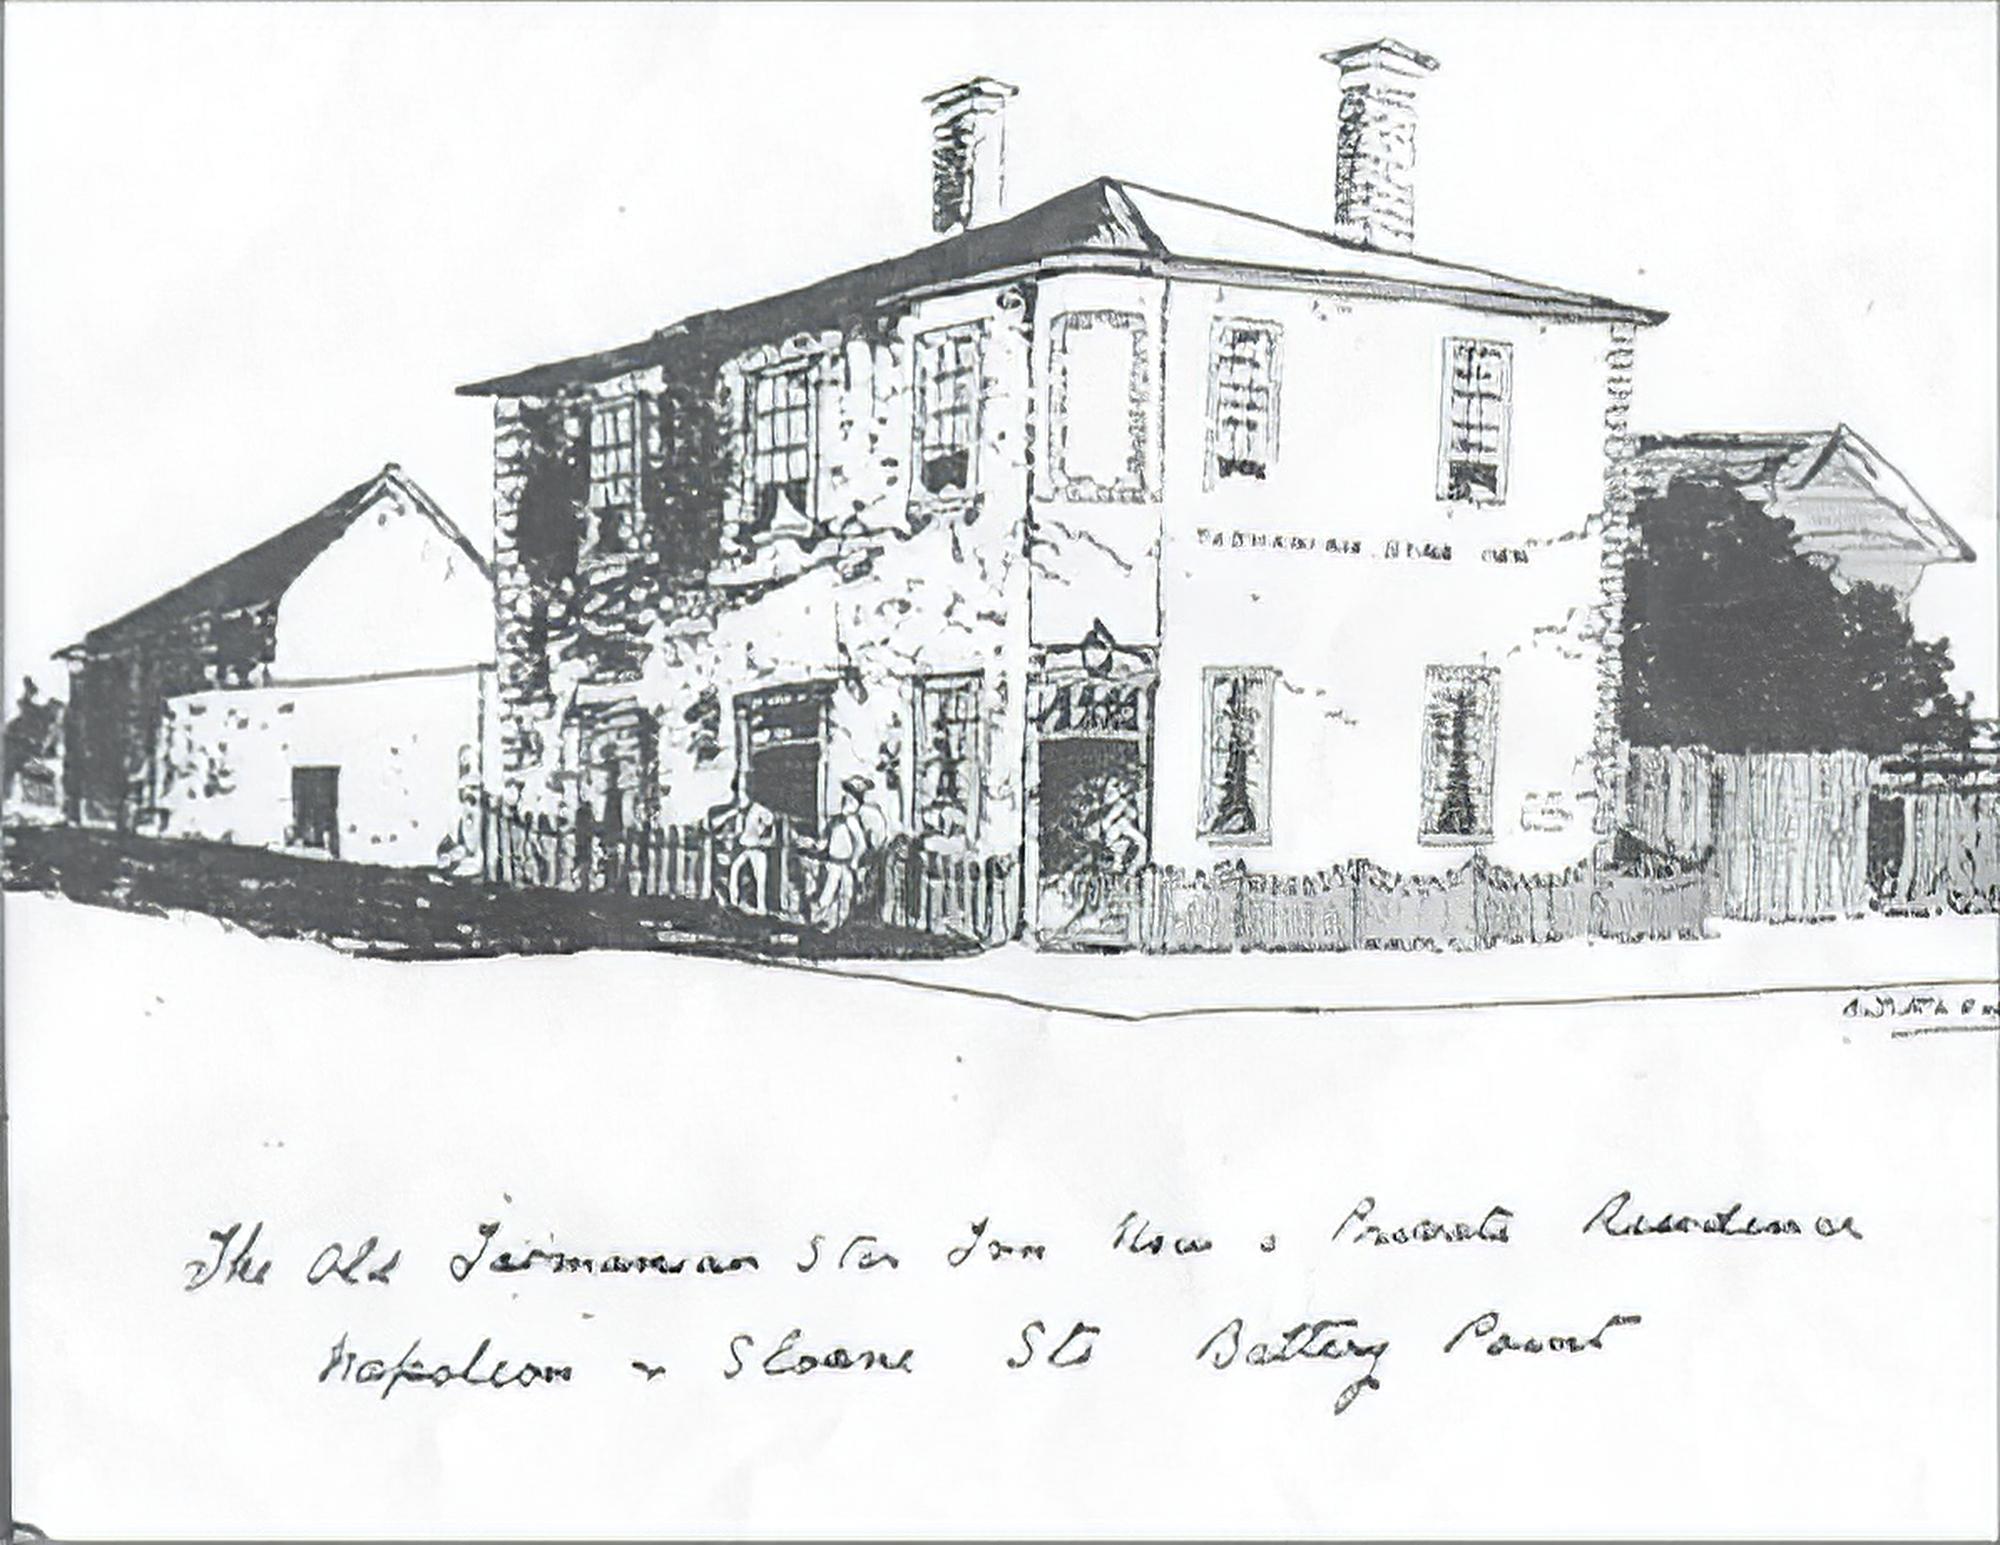 Sketch by A.T. Fleury